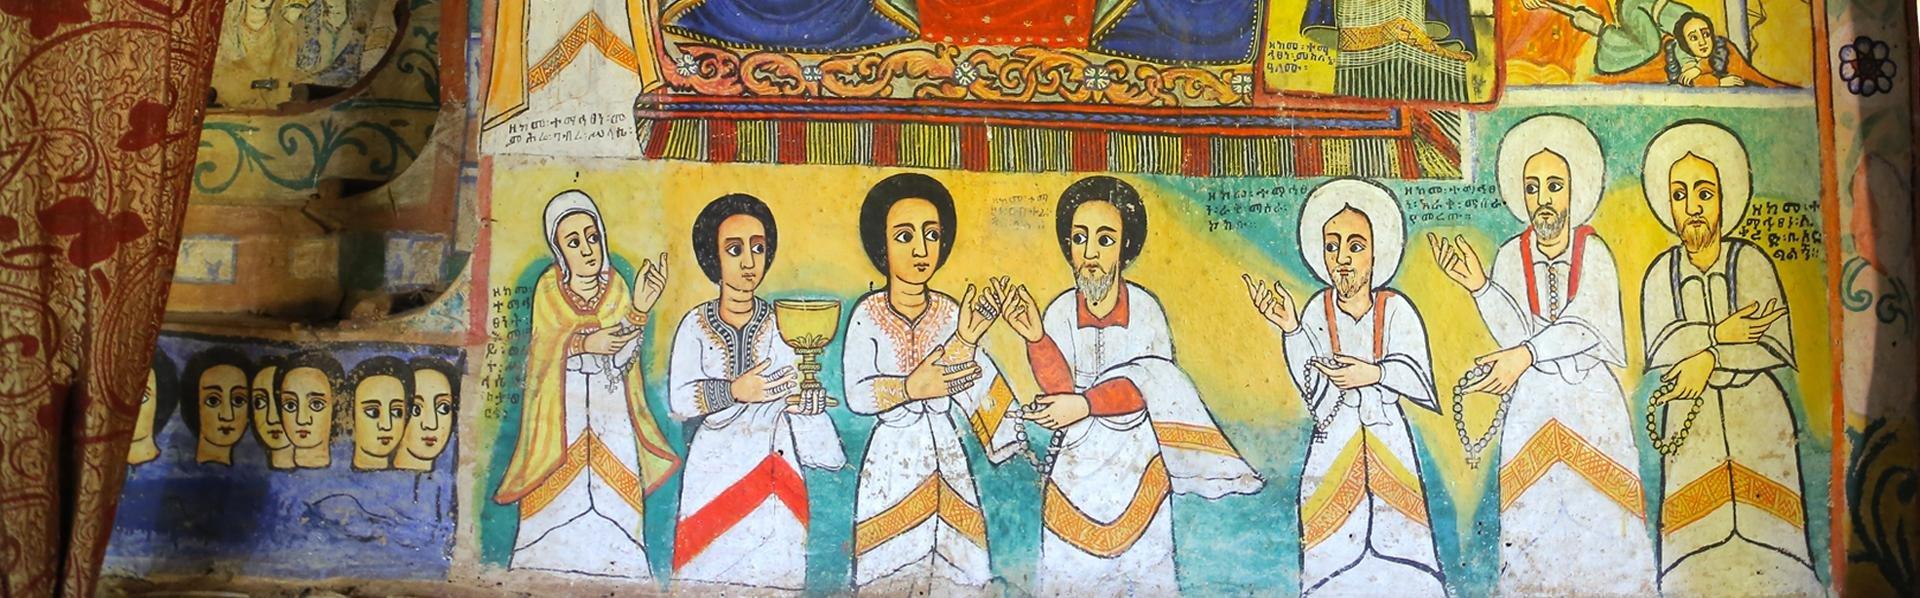 Klooster met fresco in het Tanameer, Ethiopië